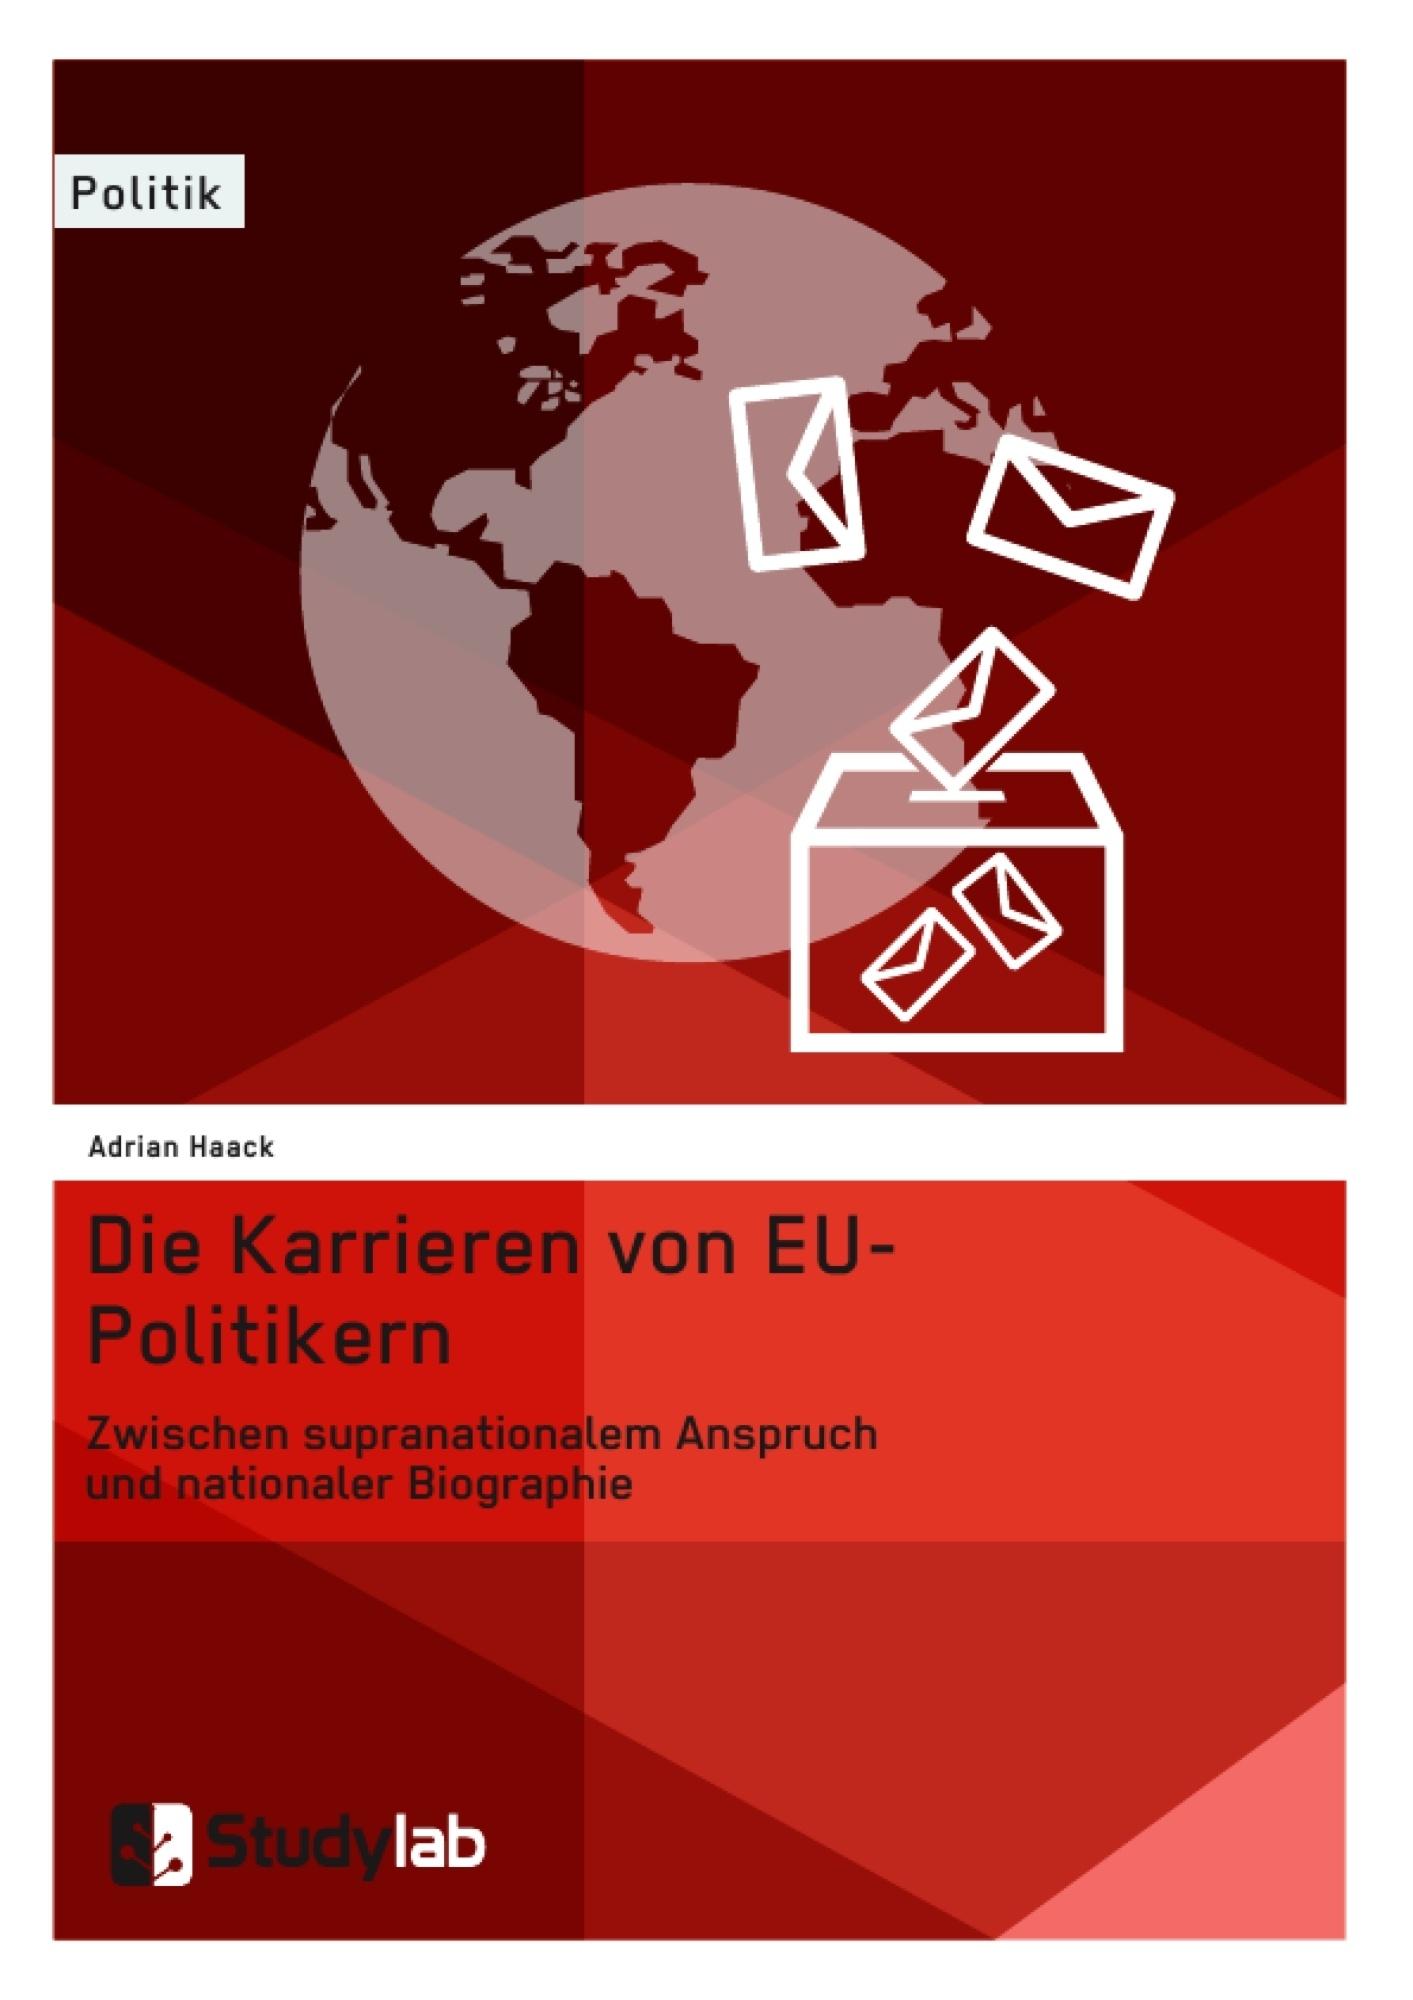 Titel: Die Karrieren von EU-Politikern. Zwischen supranationalem Anspruch und nationaler Biographie